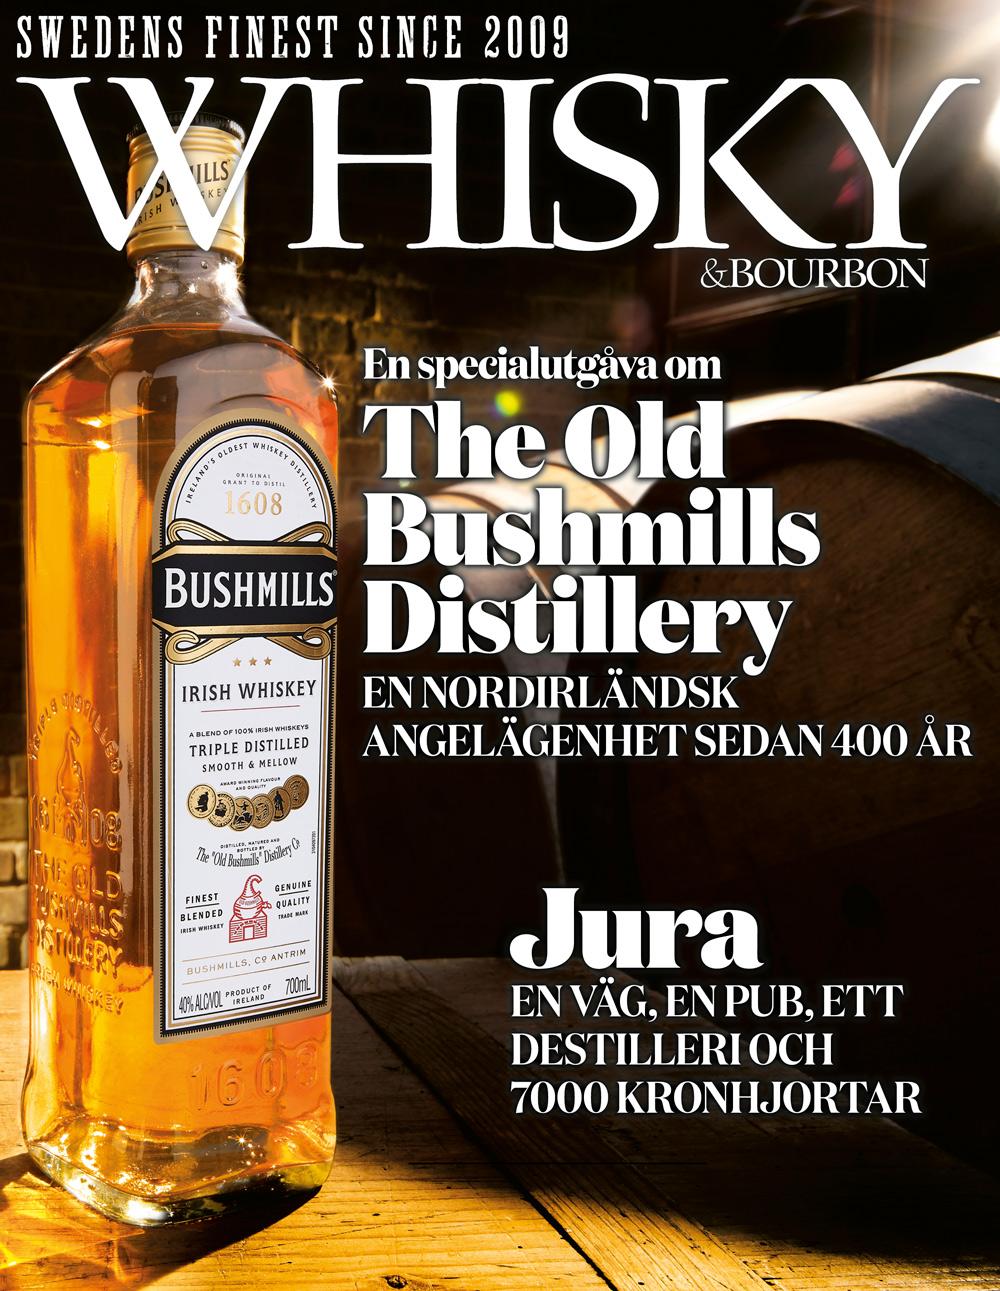 Special: Jura & Bushmills